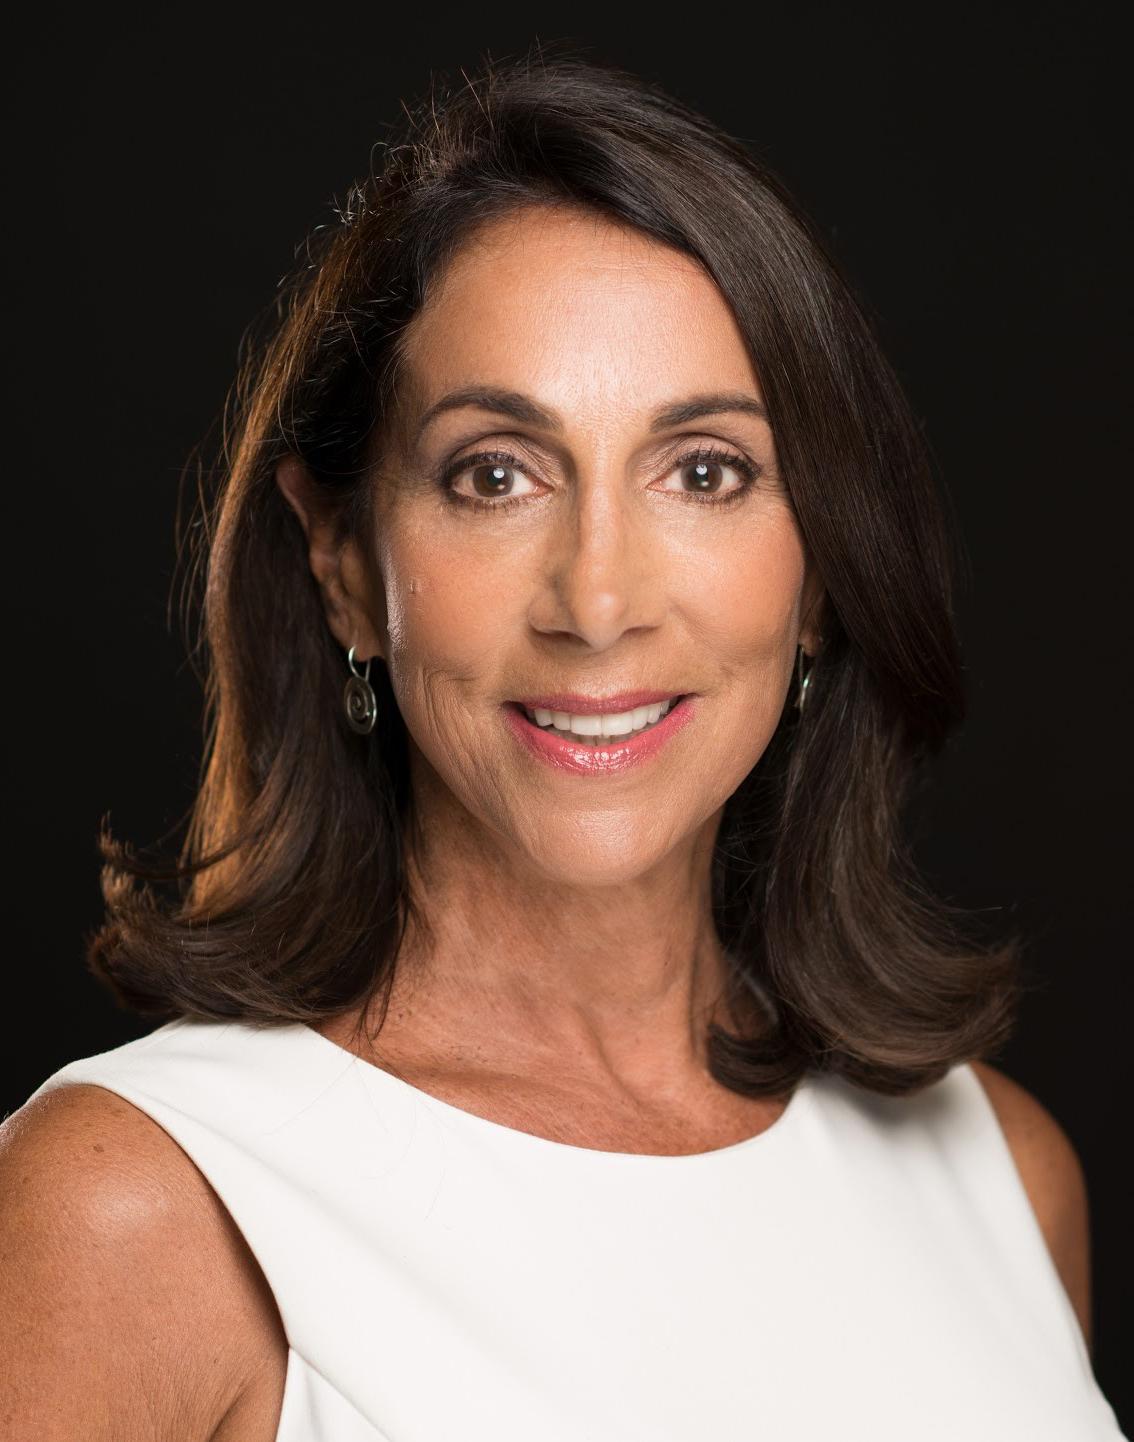 Denise Carbone